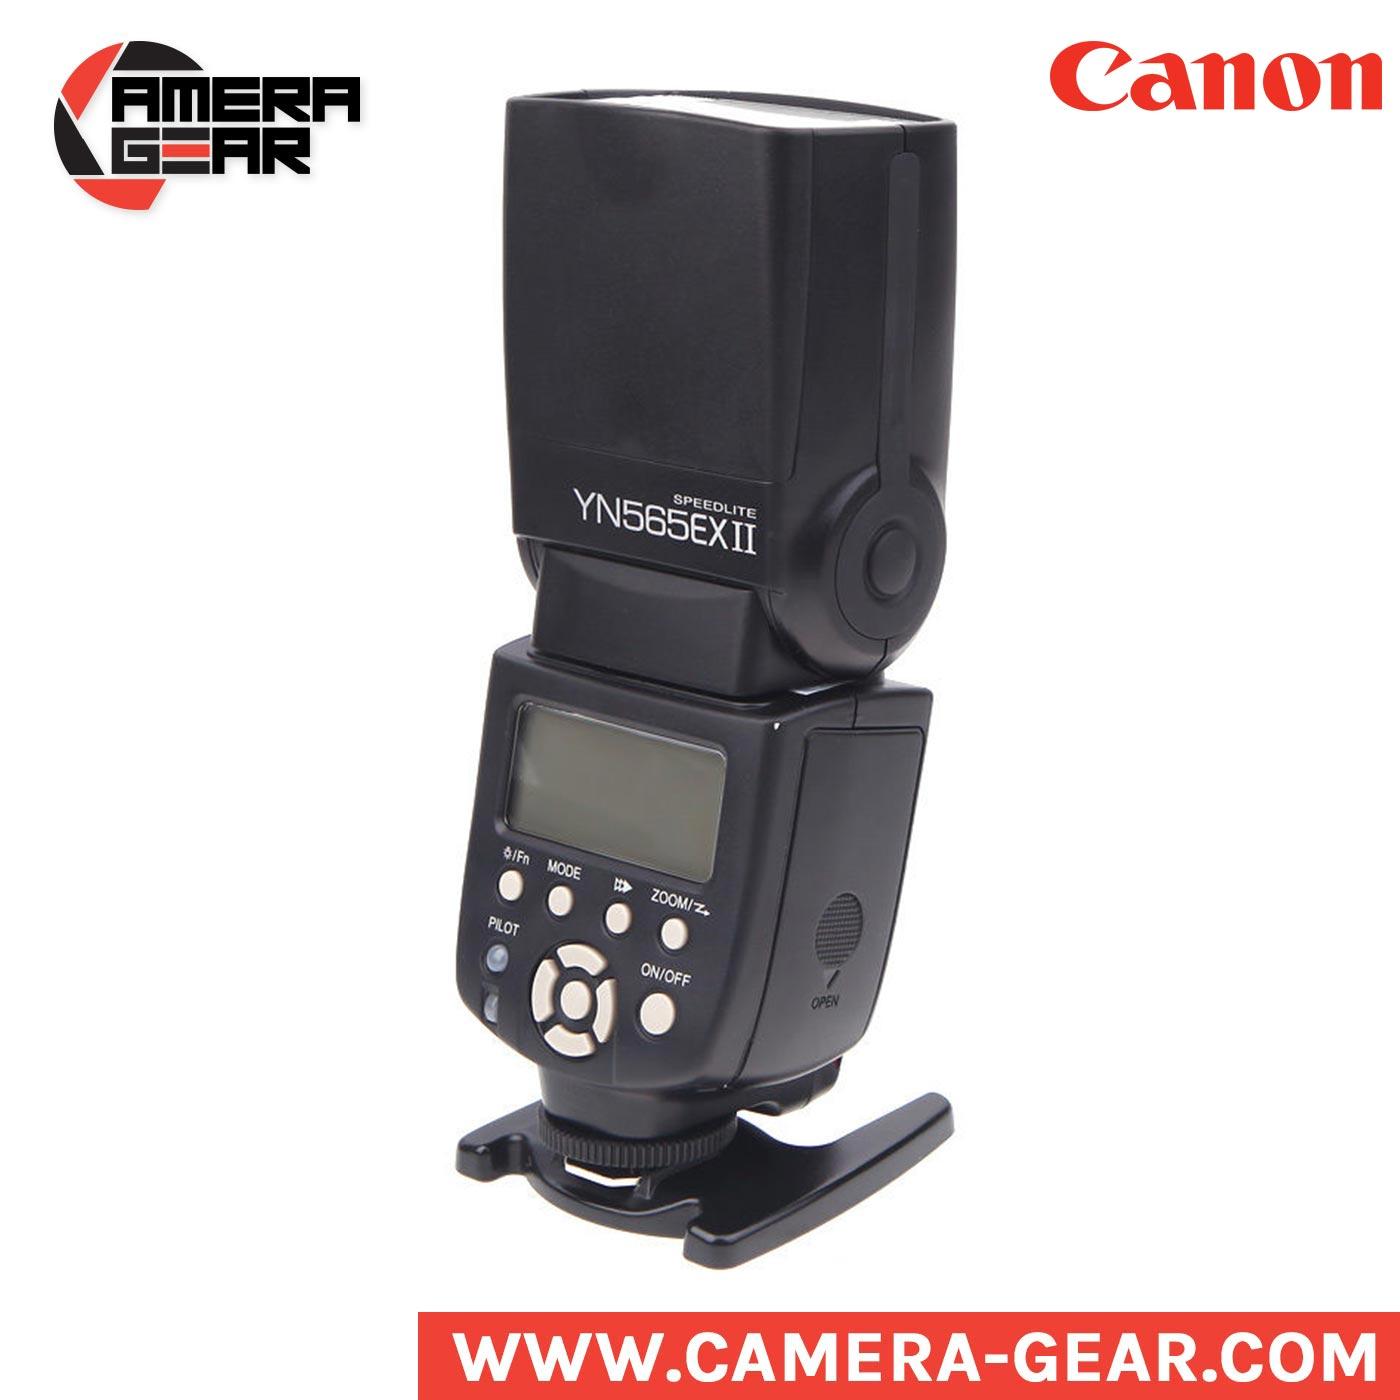 Yongnuo YN565EX II ttl flash speedlite for canon dslr. Yongnuo YN565EX II ttl flash speedlite for canon dslr